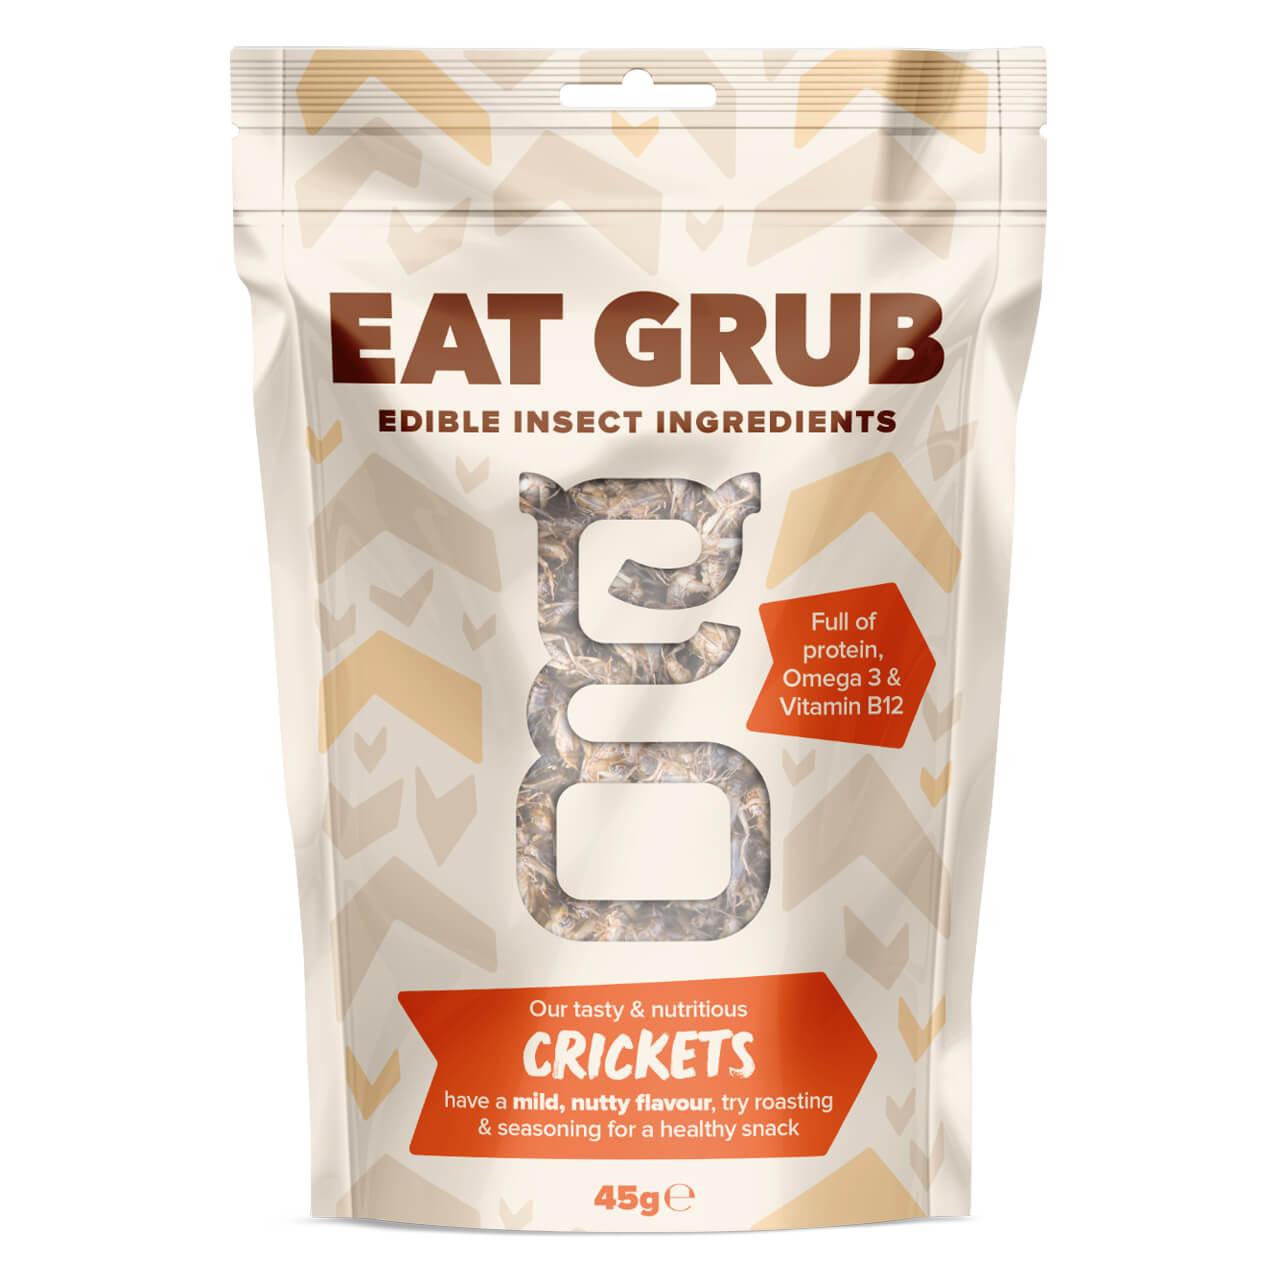 【消費期限間近の為50%OFF】Eat Grub クッキングシリーズBIG クリケット(コオロギ) 45g